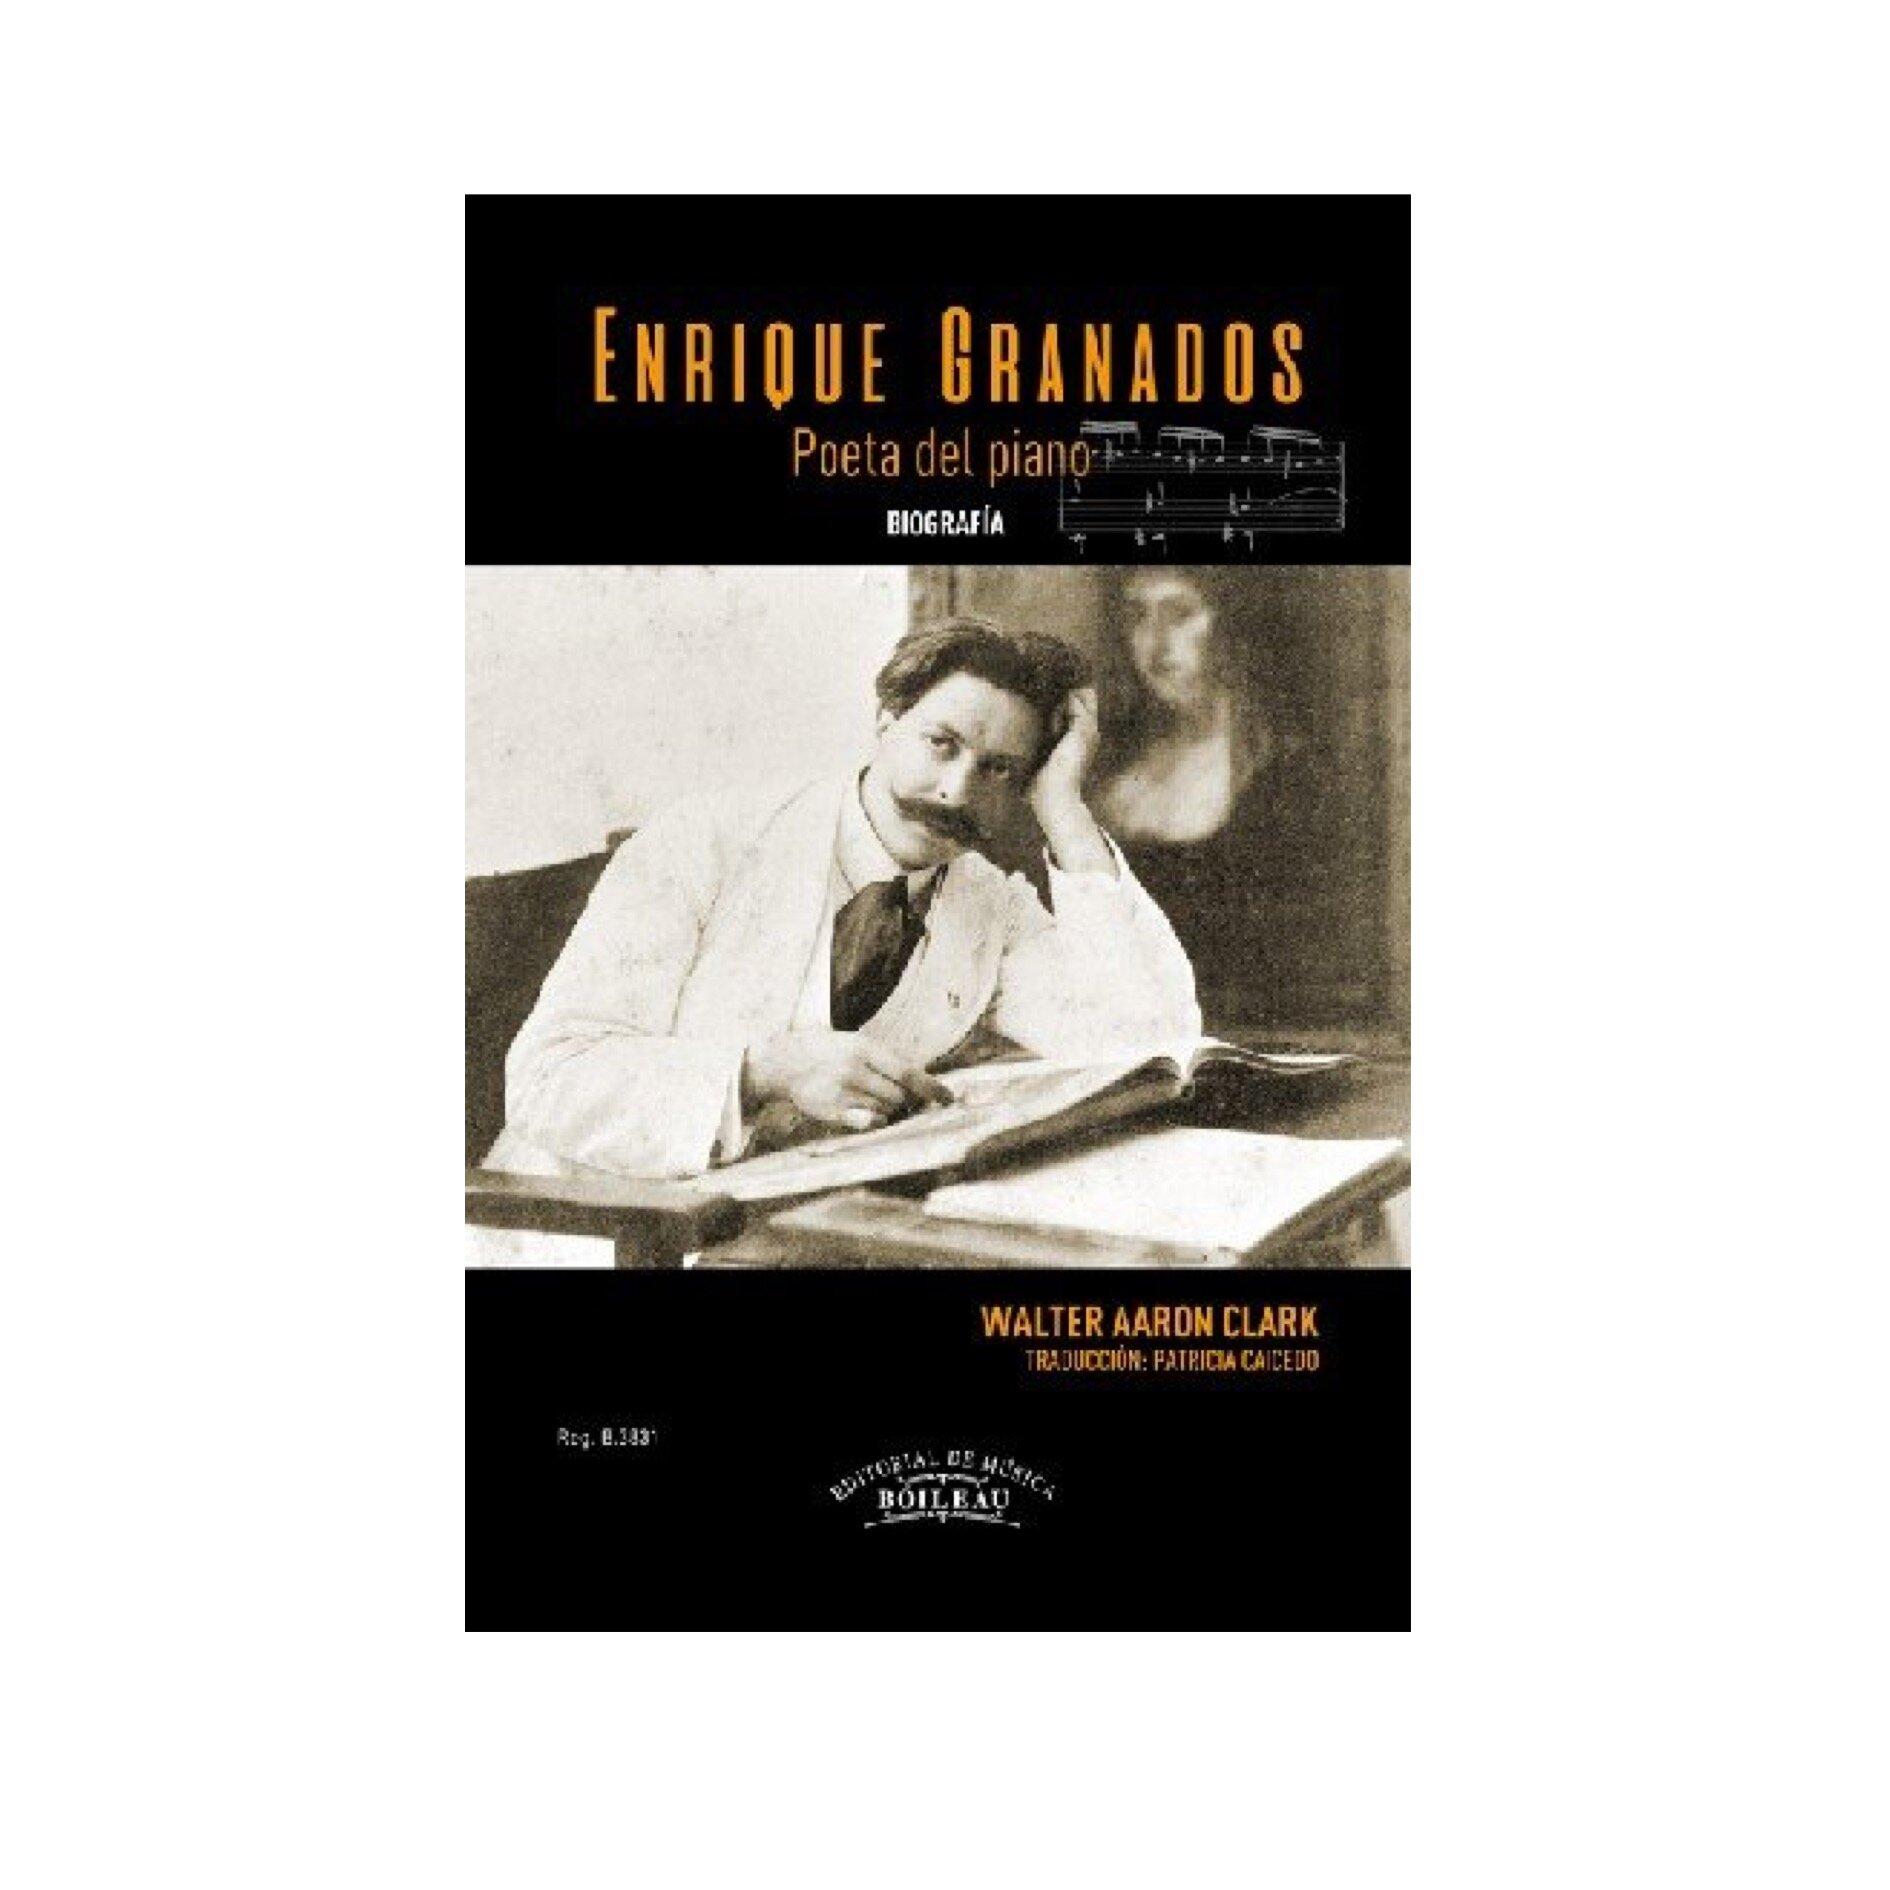 Enric Granados poeta del piano